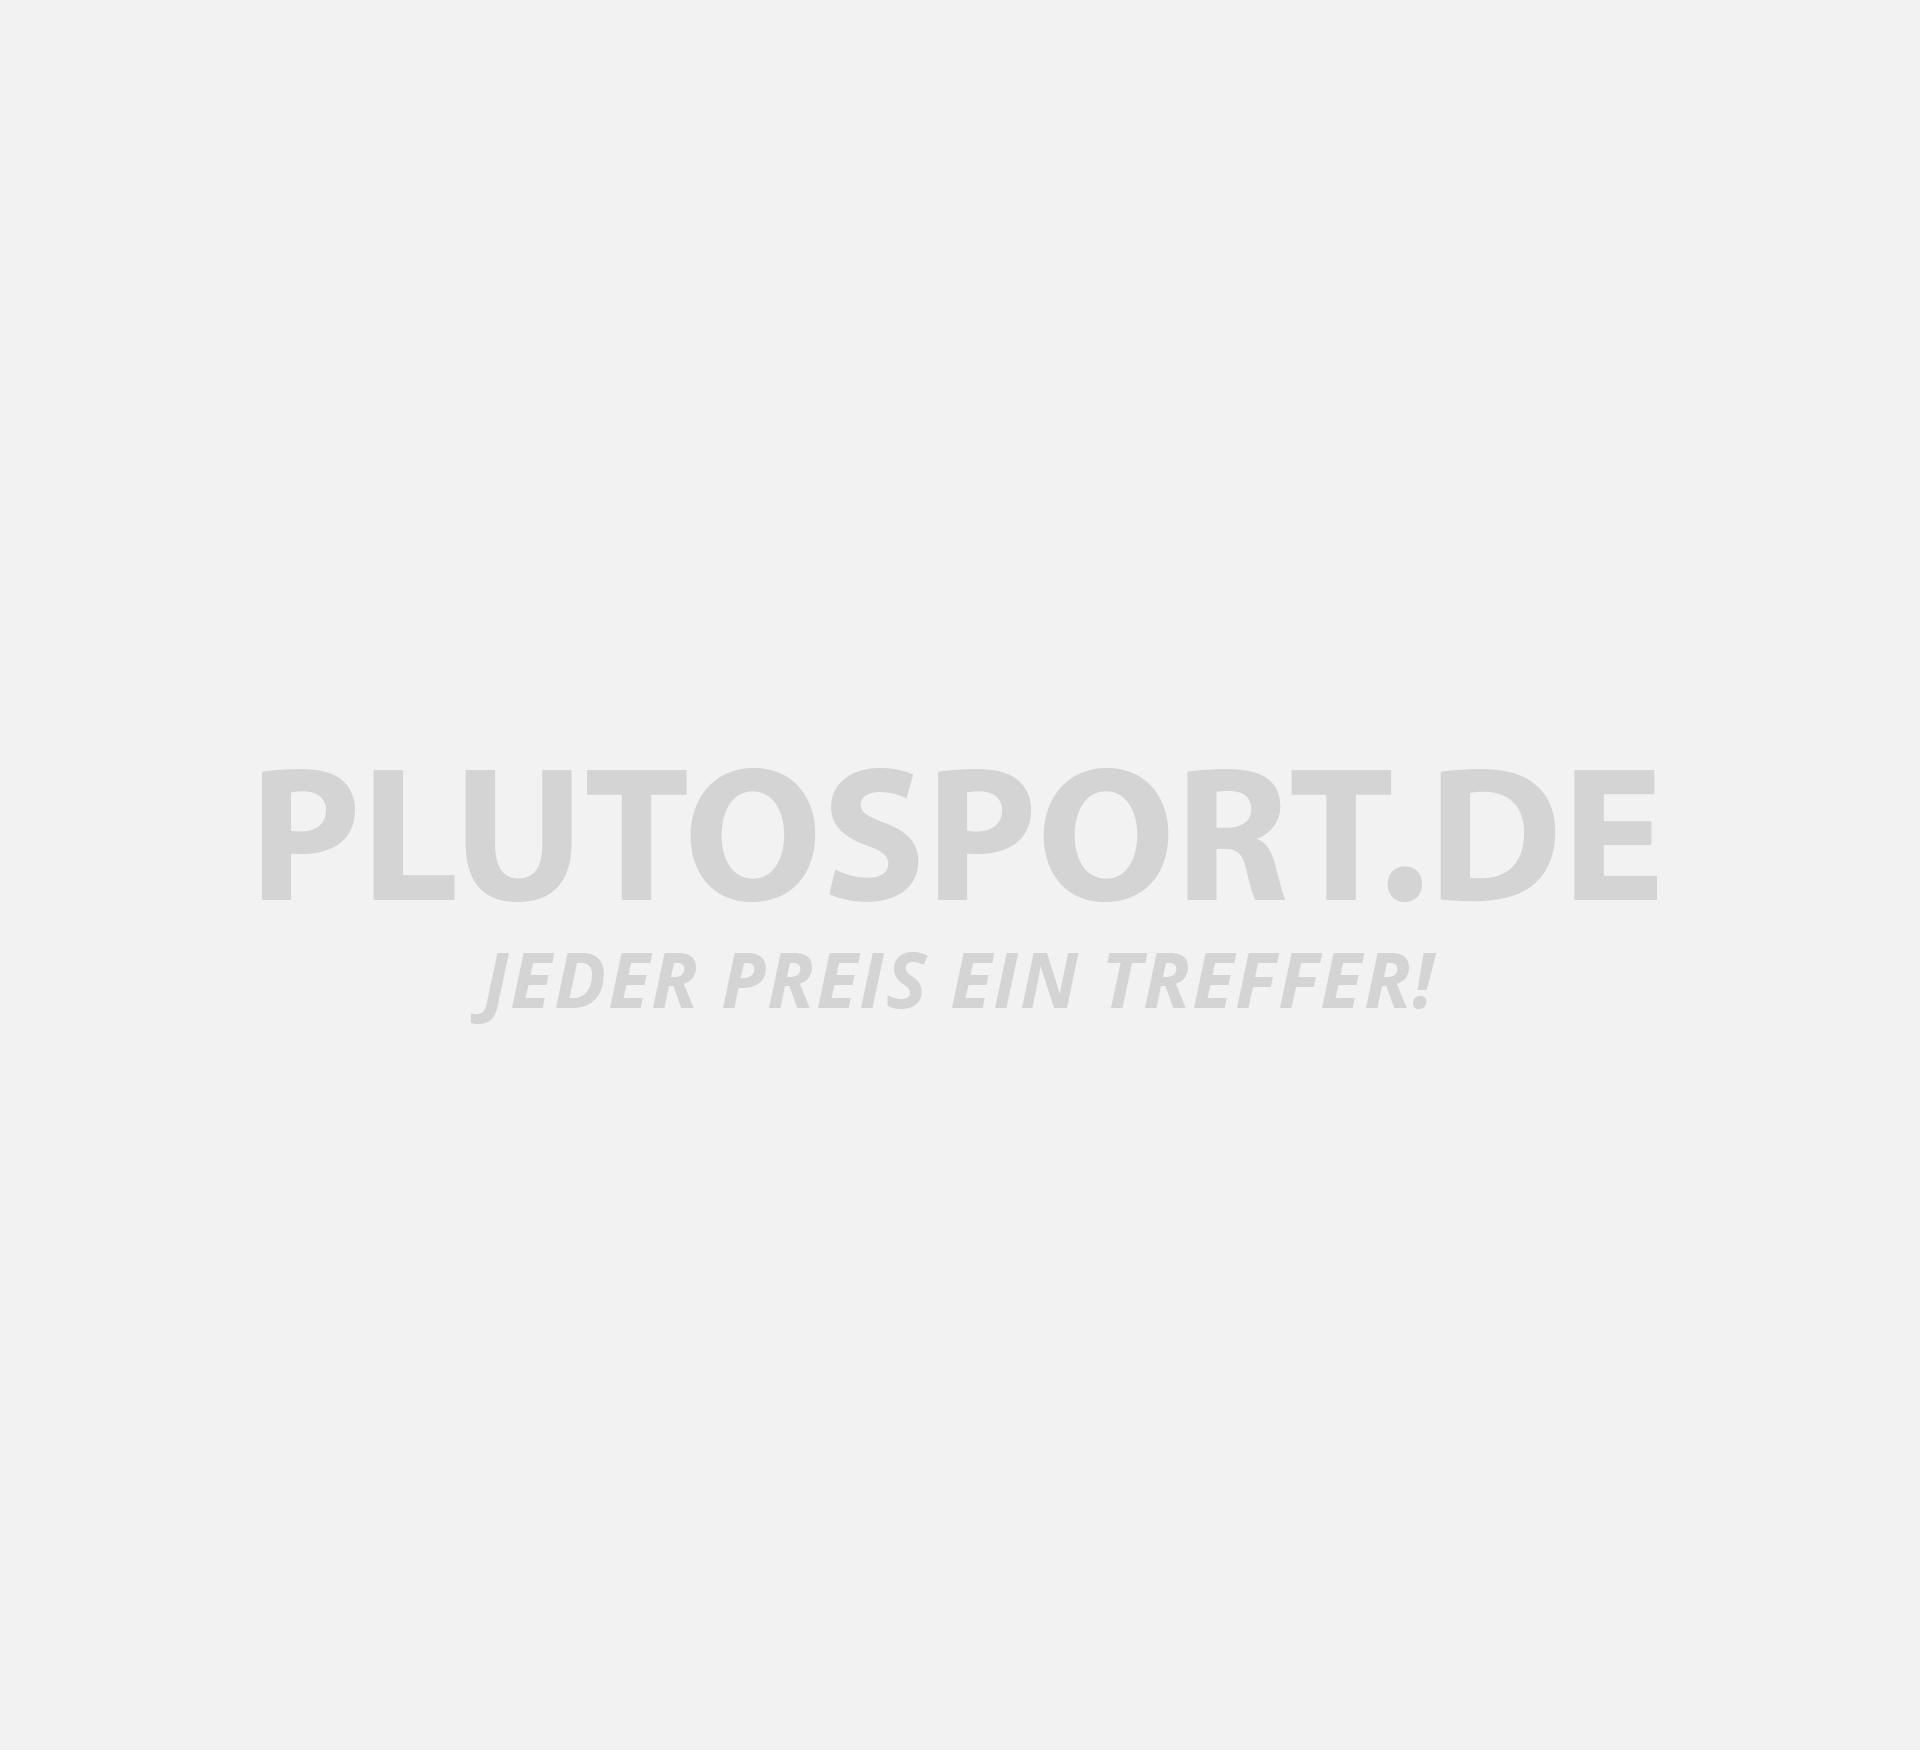 bb9a5d8f6606d Deuter Futura 20 SL (20L) - Tage Rucksäcke Klein - Taschen - Outdoor ...